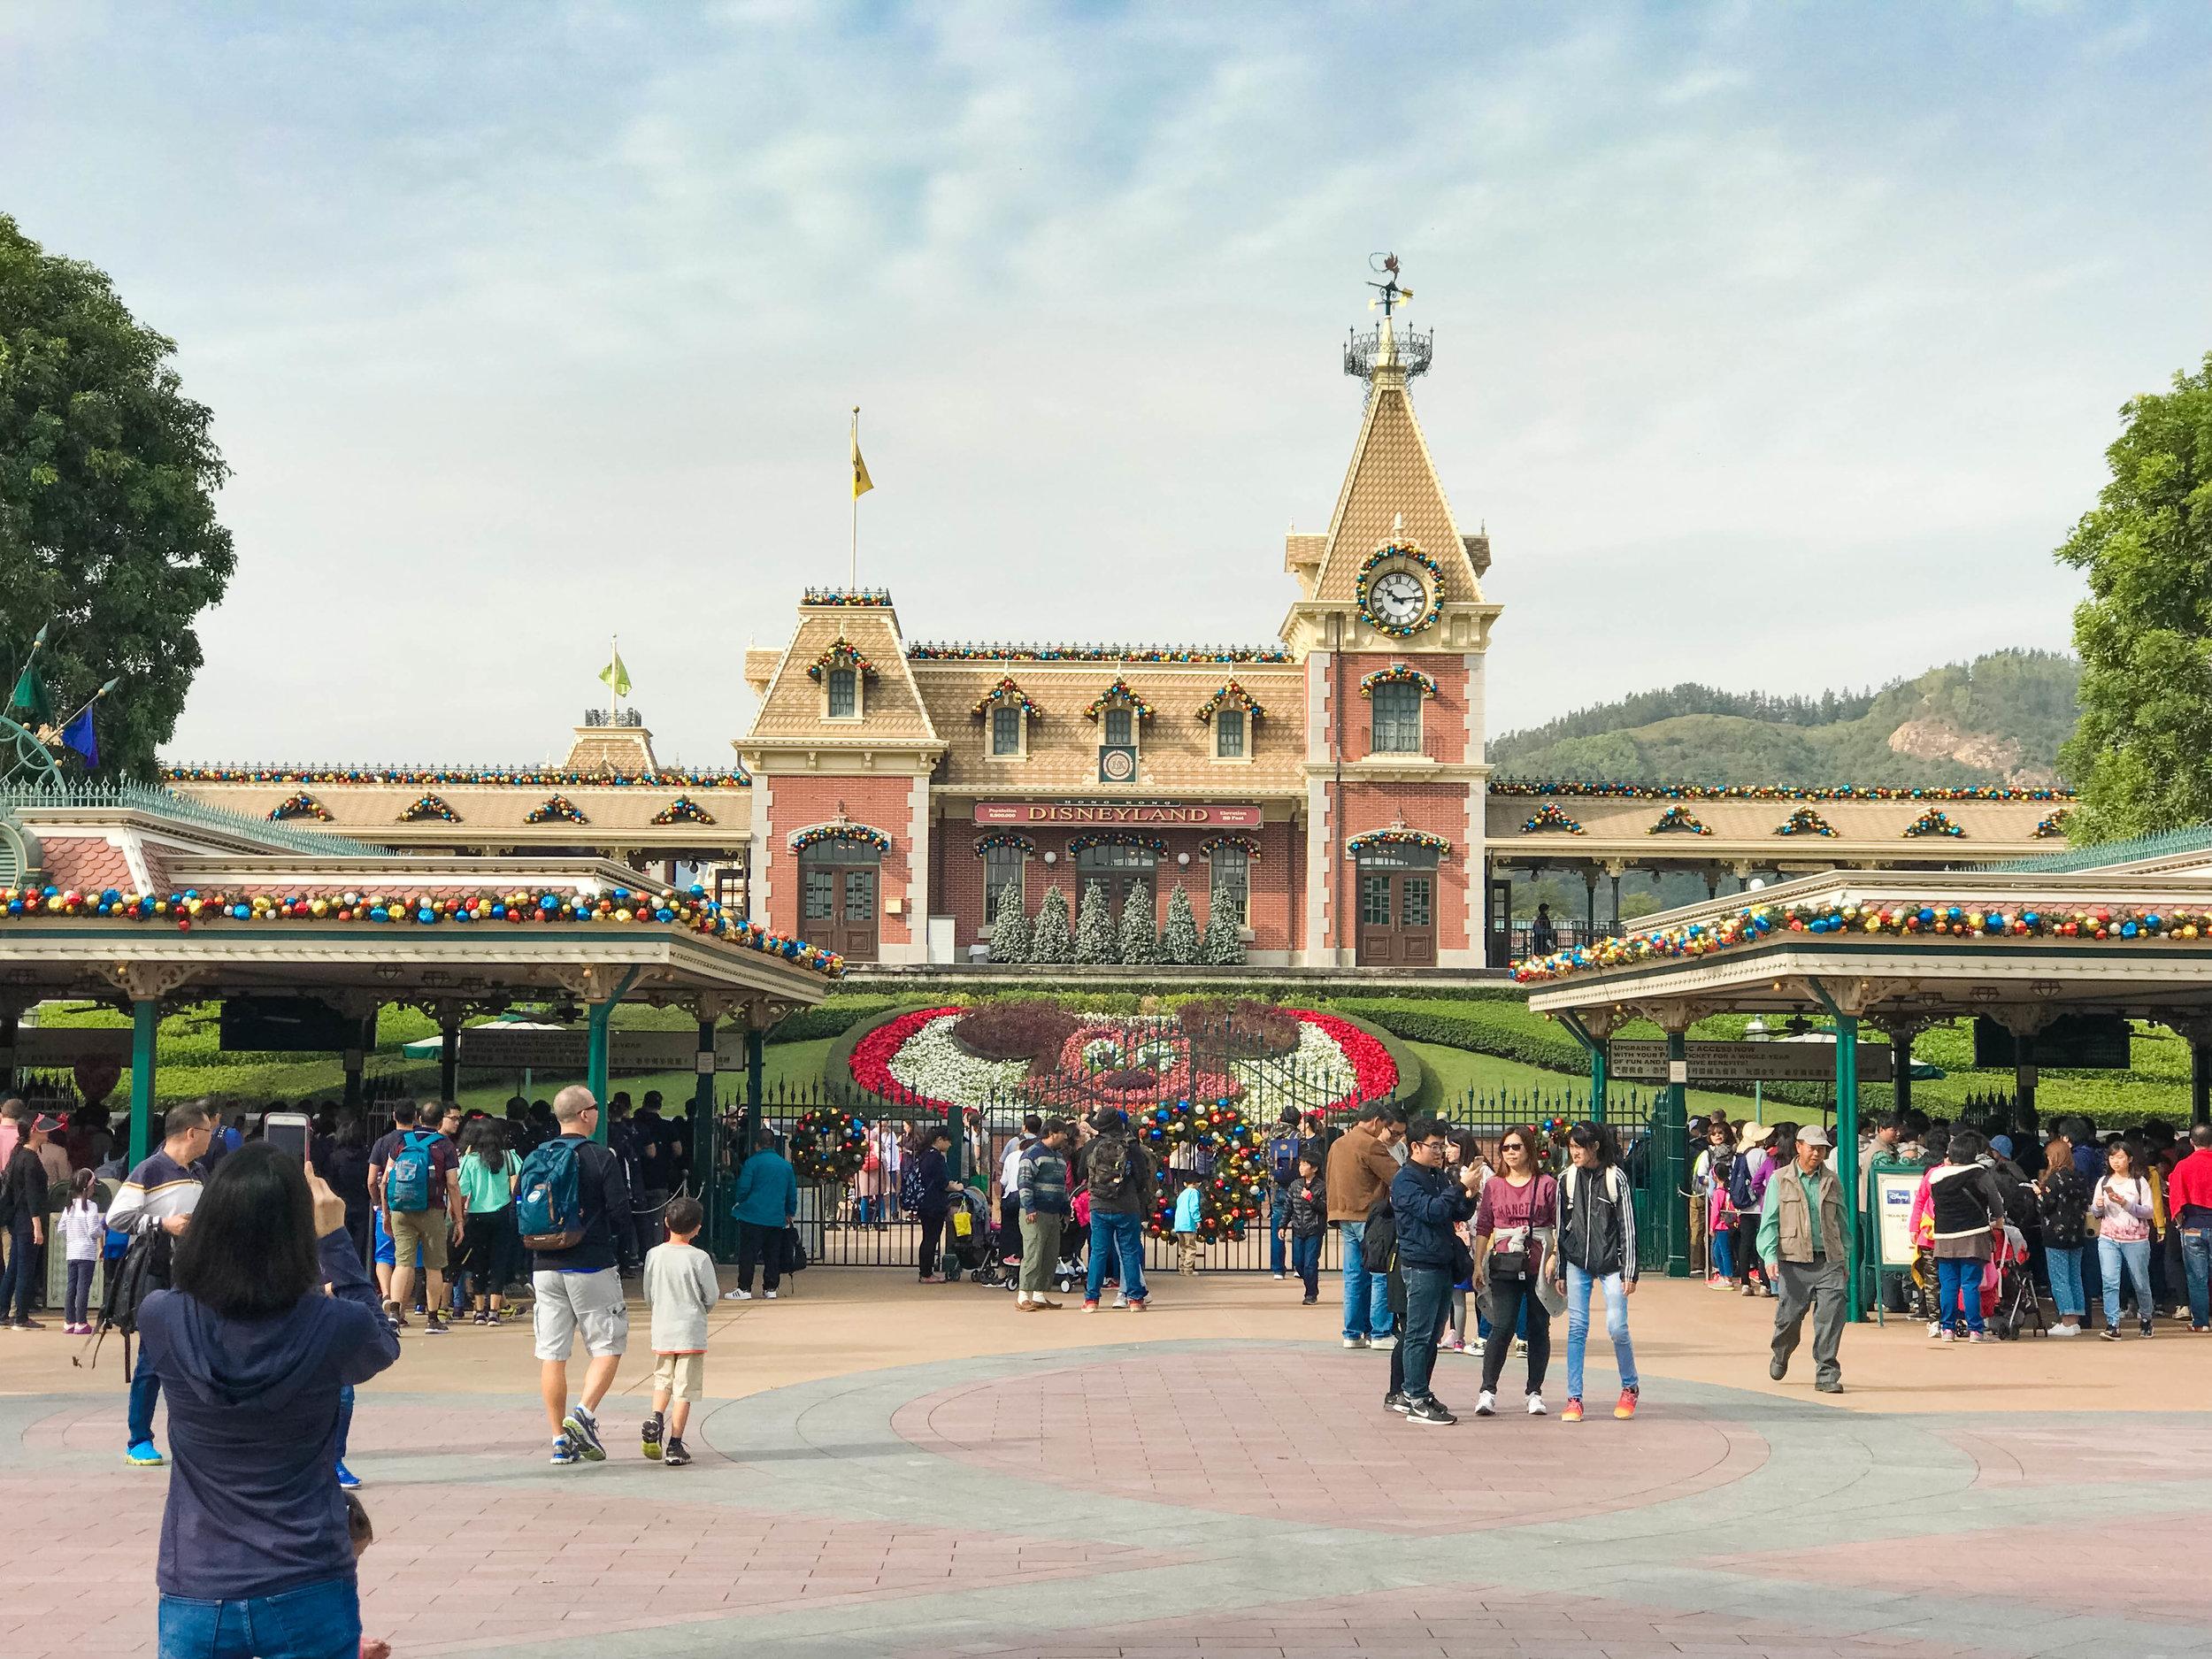 Hong Kong Disneyland Main Entrance